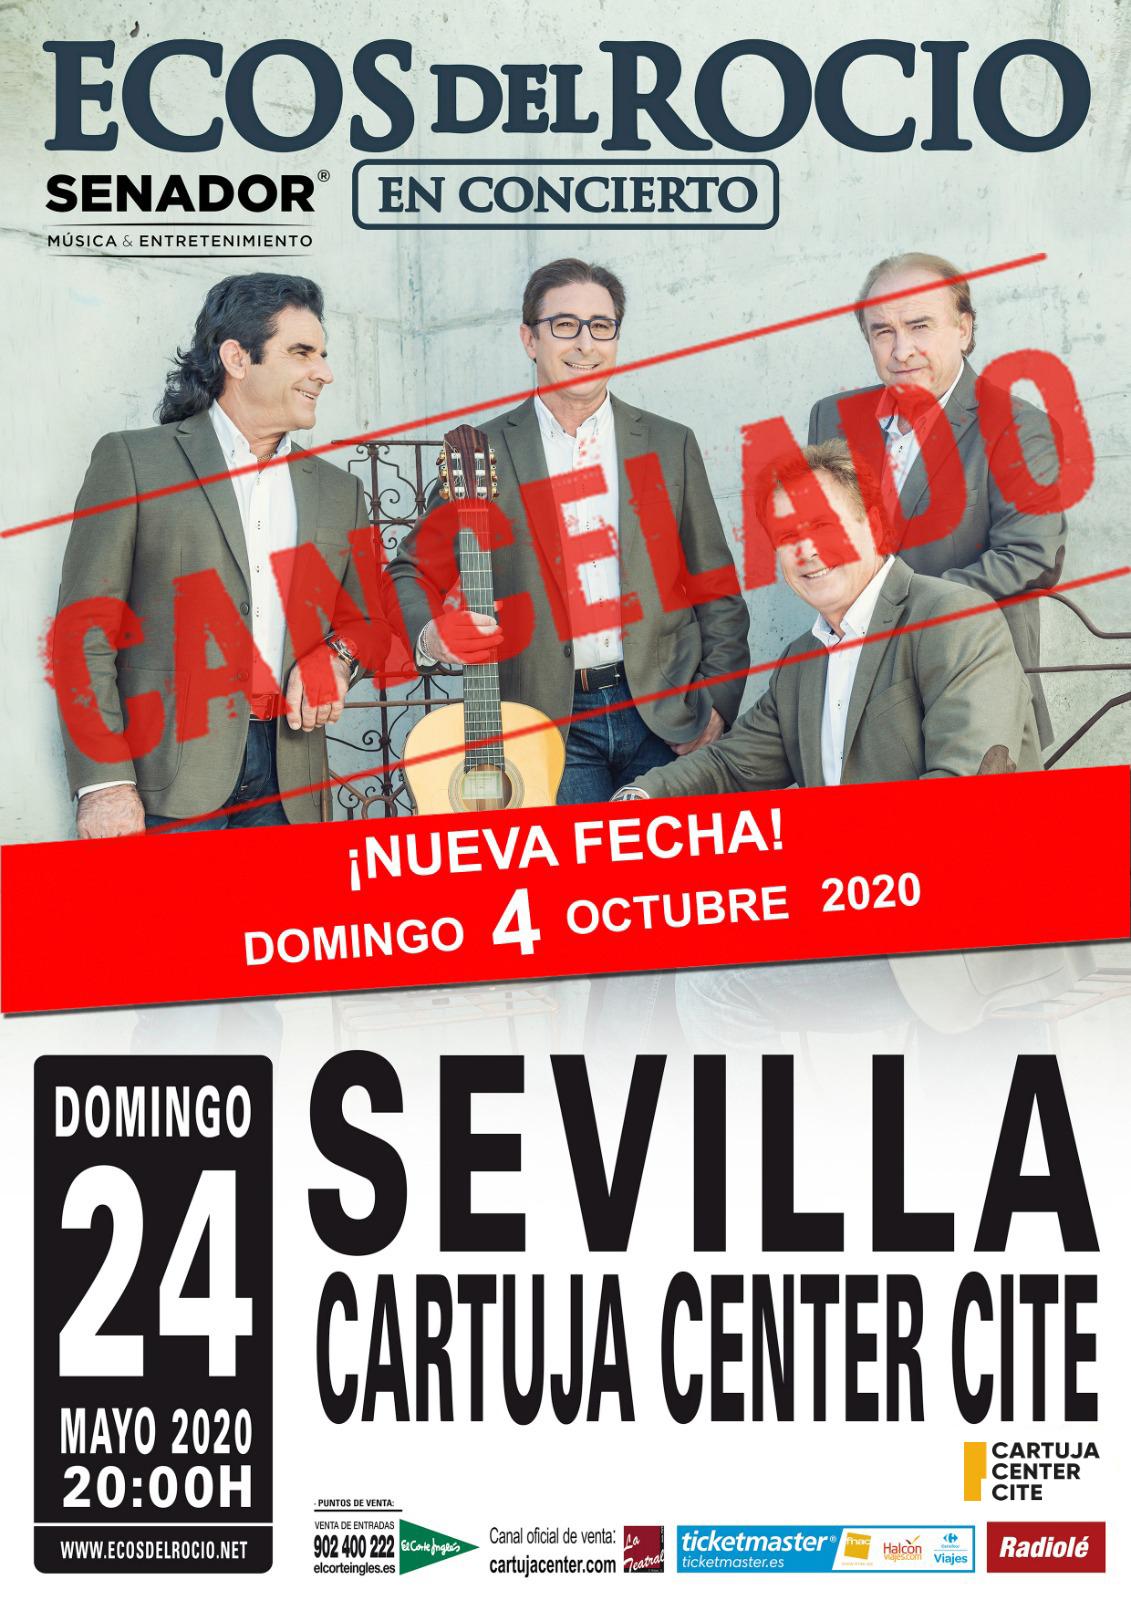 Cancelación concierto Ecos del Rocío 1